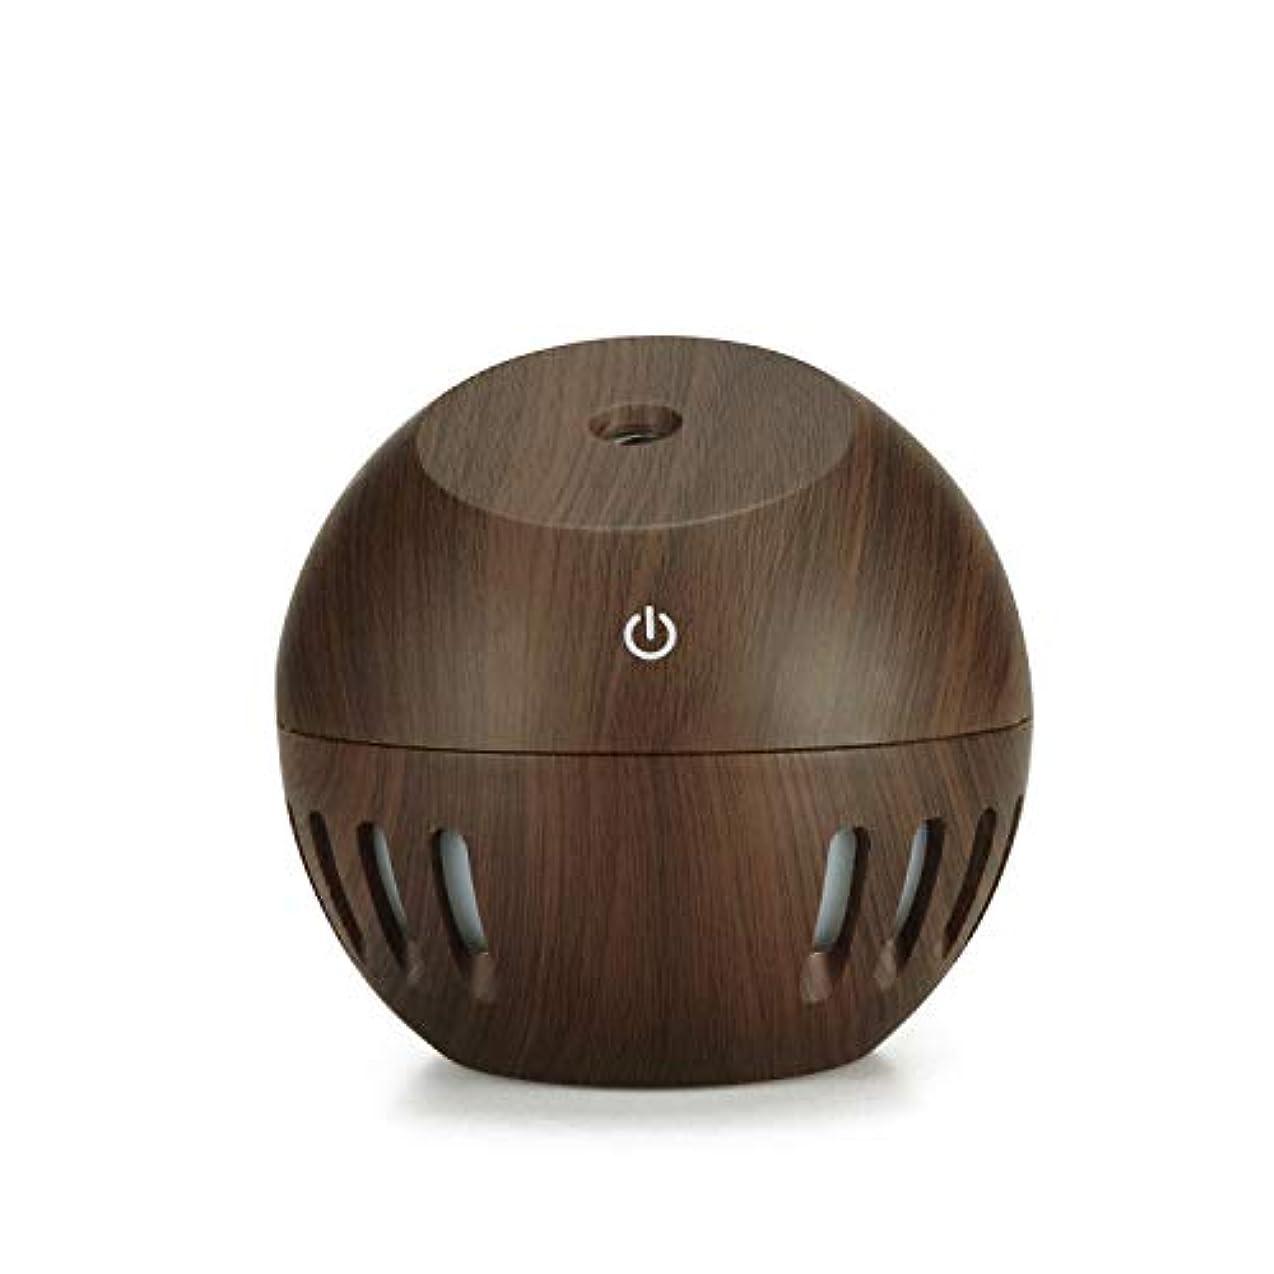 オフセット花弁病気の130ml Essential Oils Diffuser Electric Cool Mist Aroma Diffuser For Home, Yoga, Bedroom